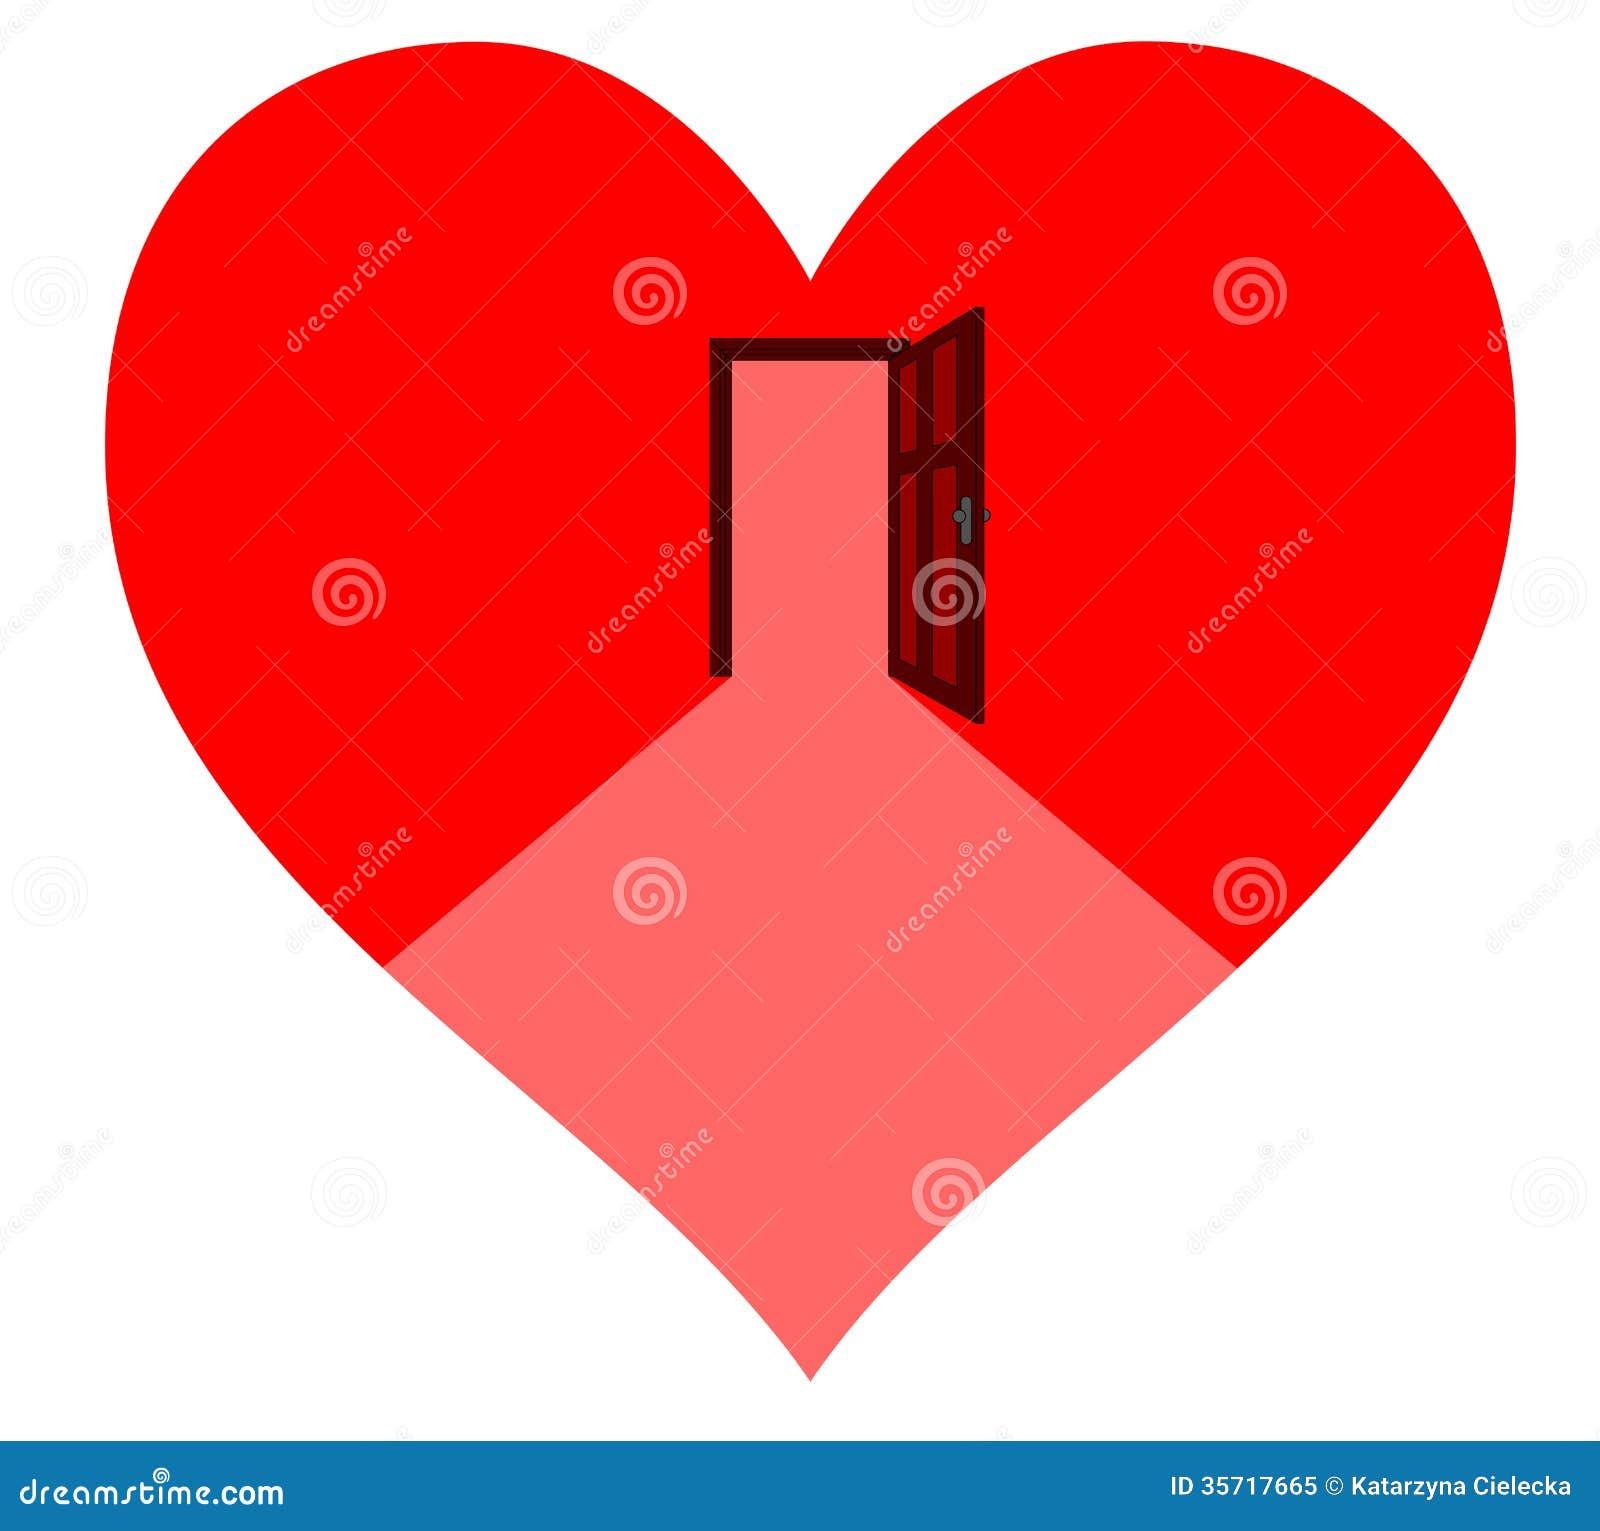 Door in the heart  sc 1 st  Dreamstime.com & Door in the heart stock vector. Illustration of illustration ...